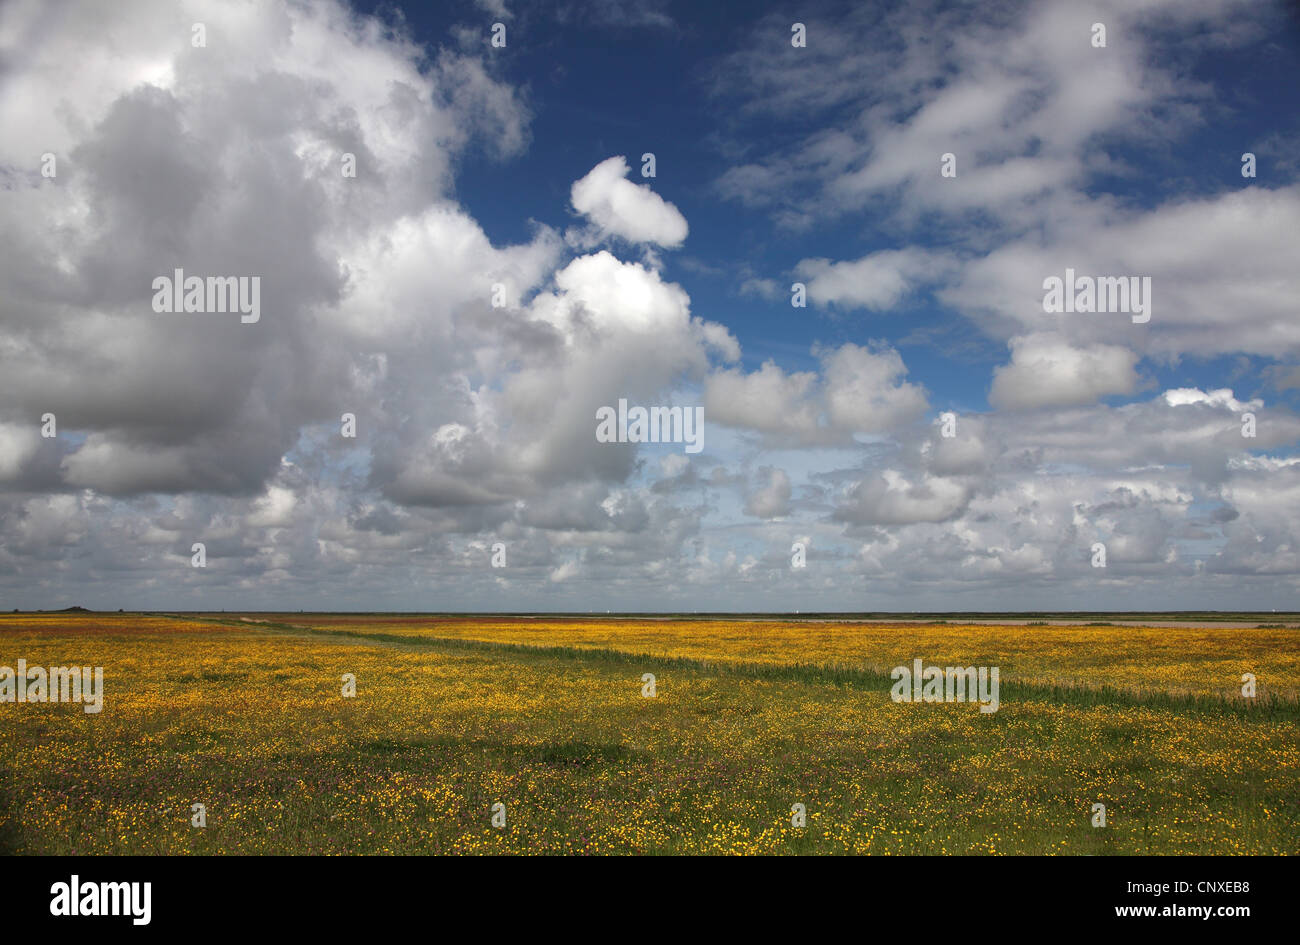 crowfoot (Ranunculus spec.), cumulus clouds over blooming crowfoot meadow, Netherlands, Workumer Waard, Frisia - Stock Image